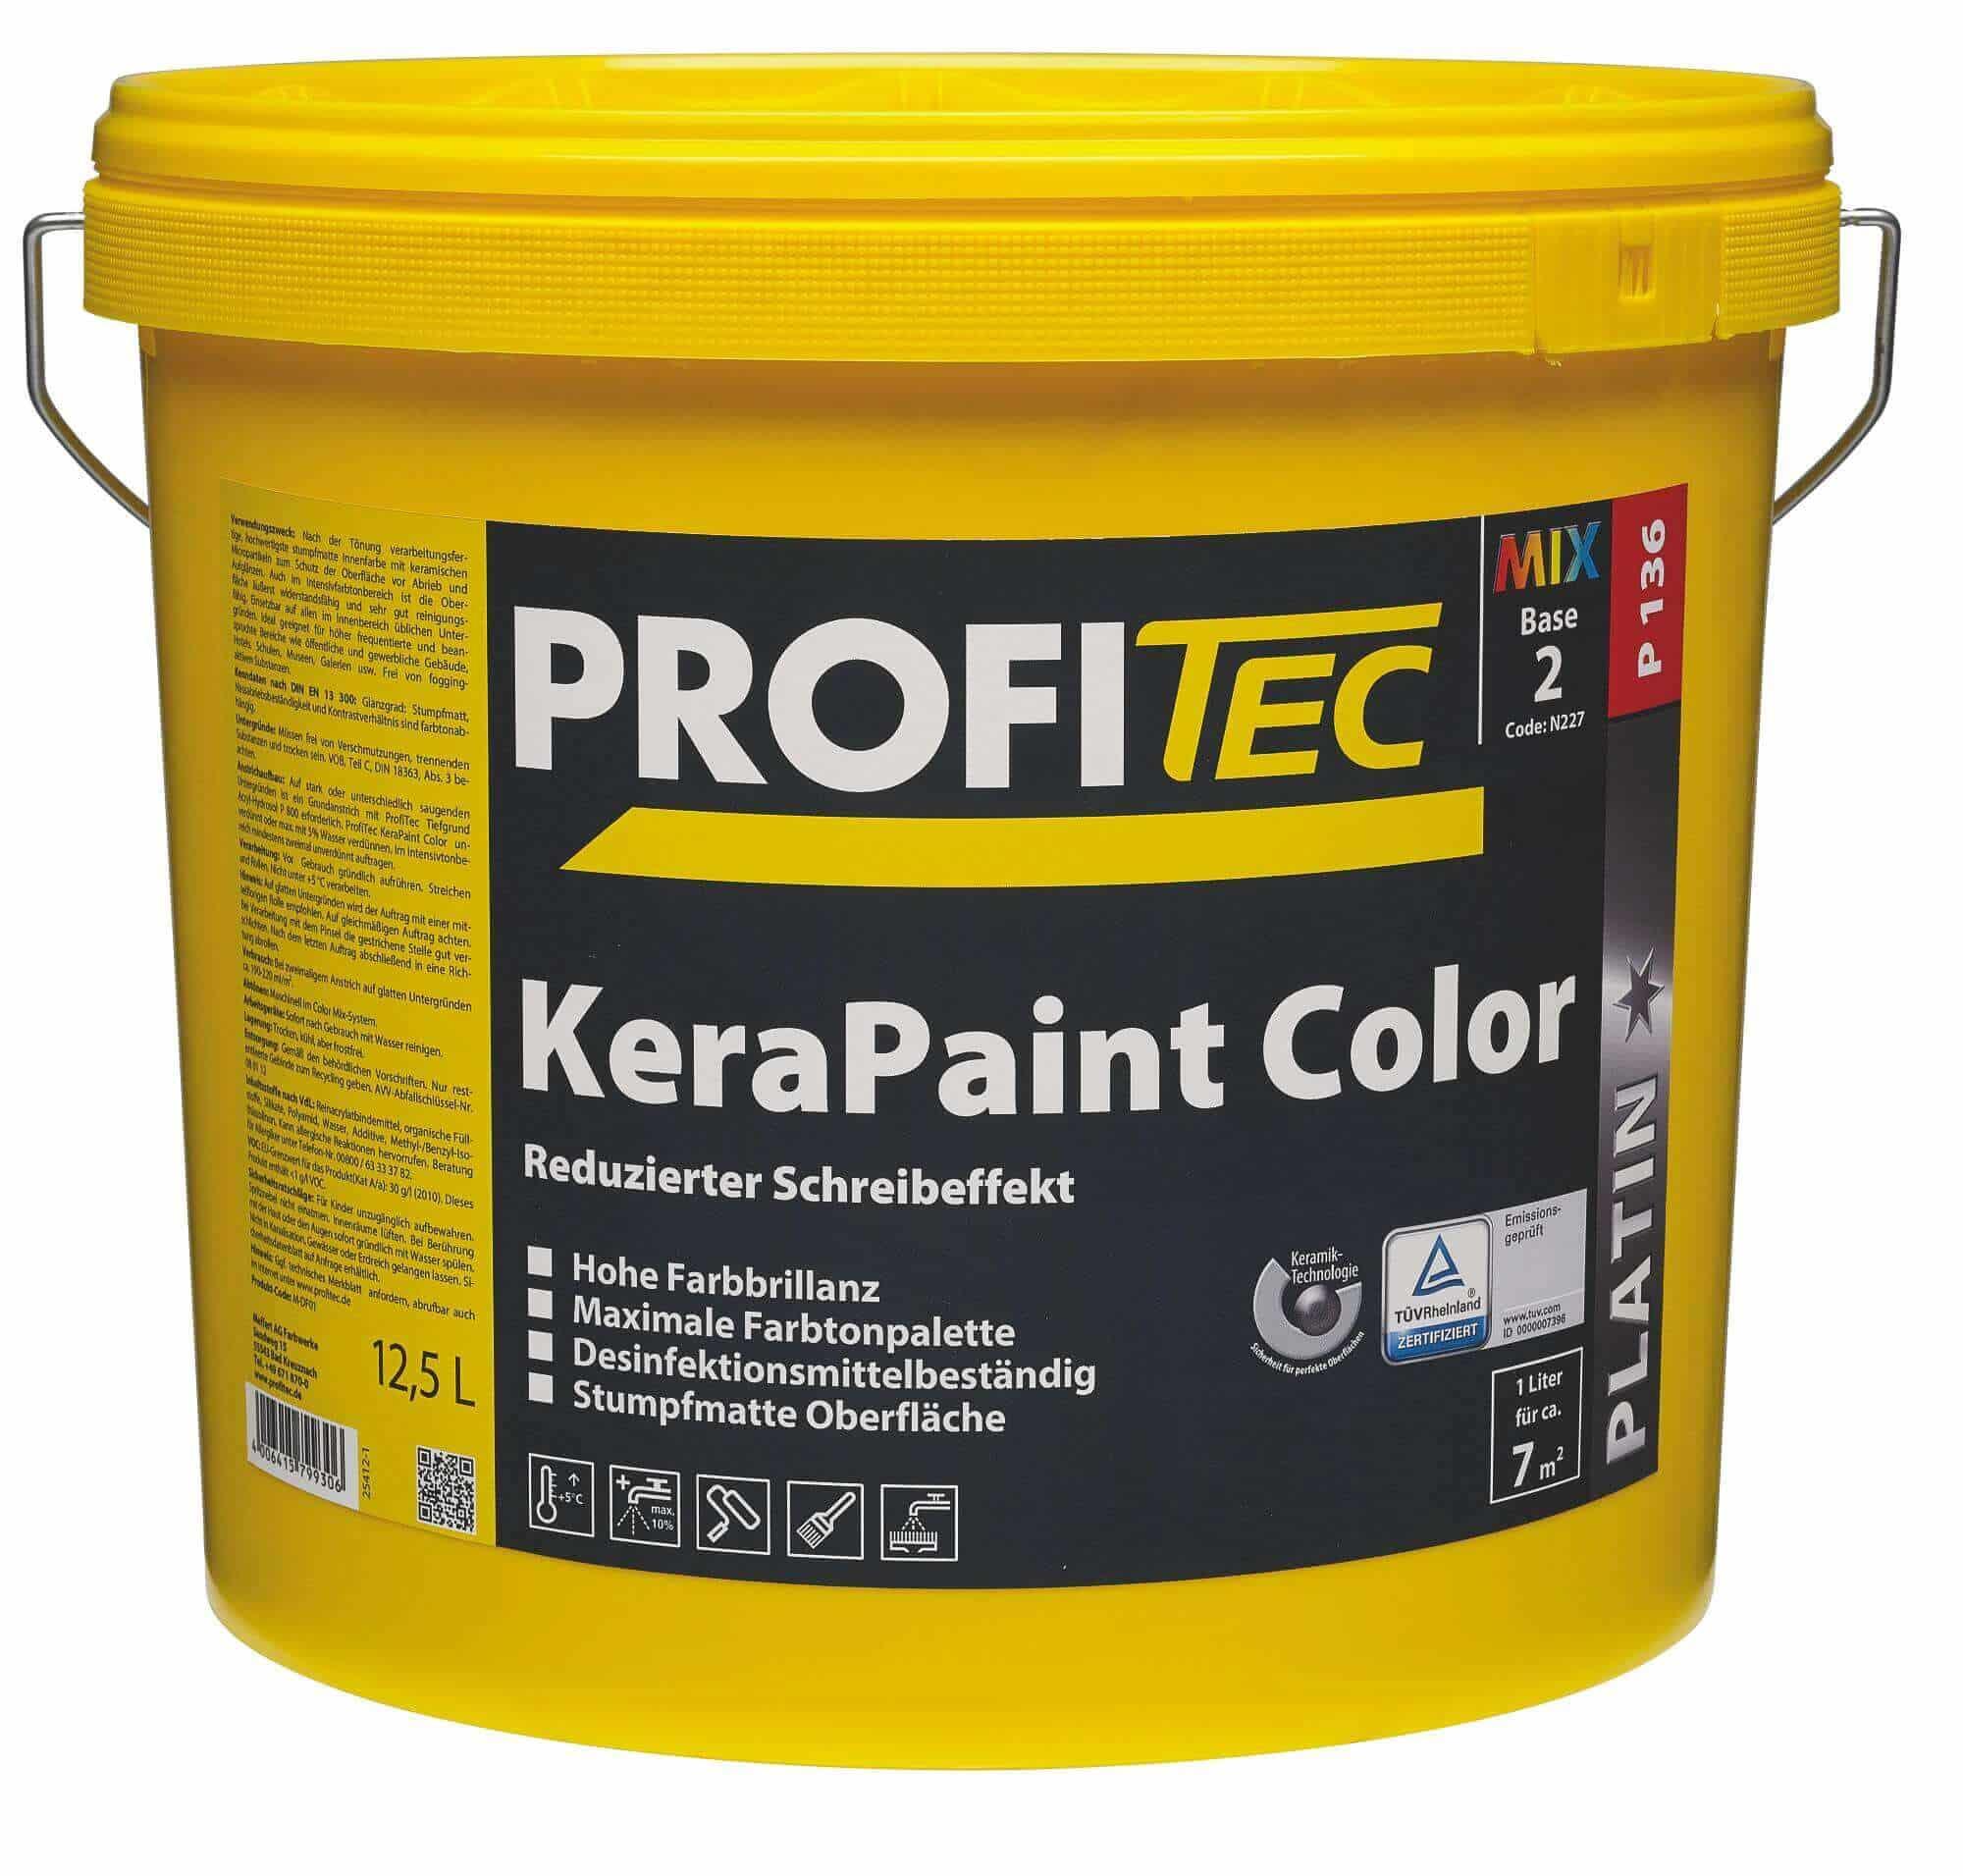 KeraPaint Color P136